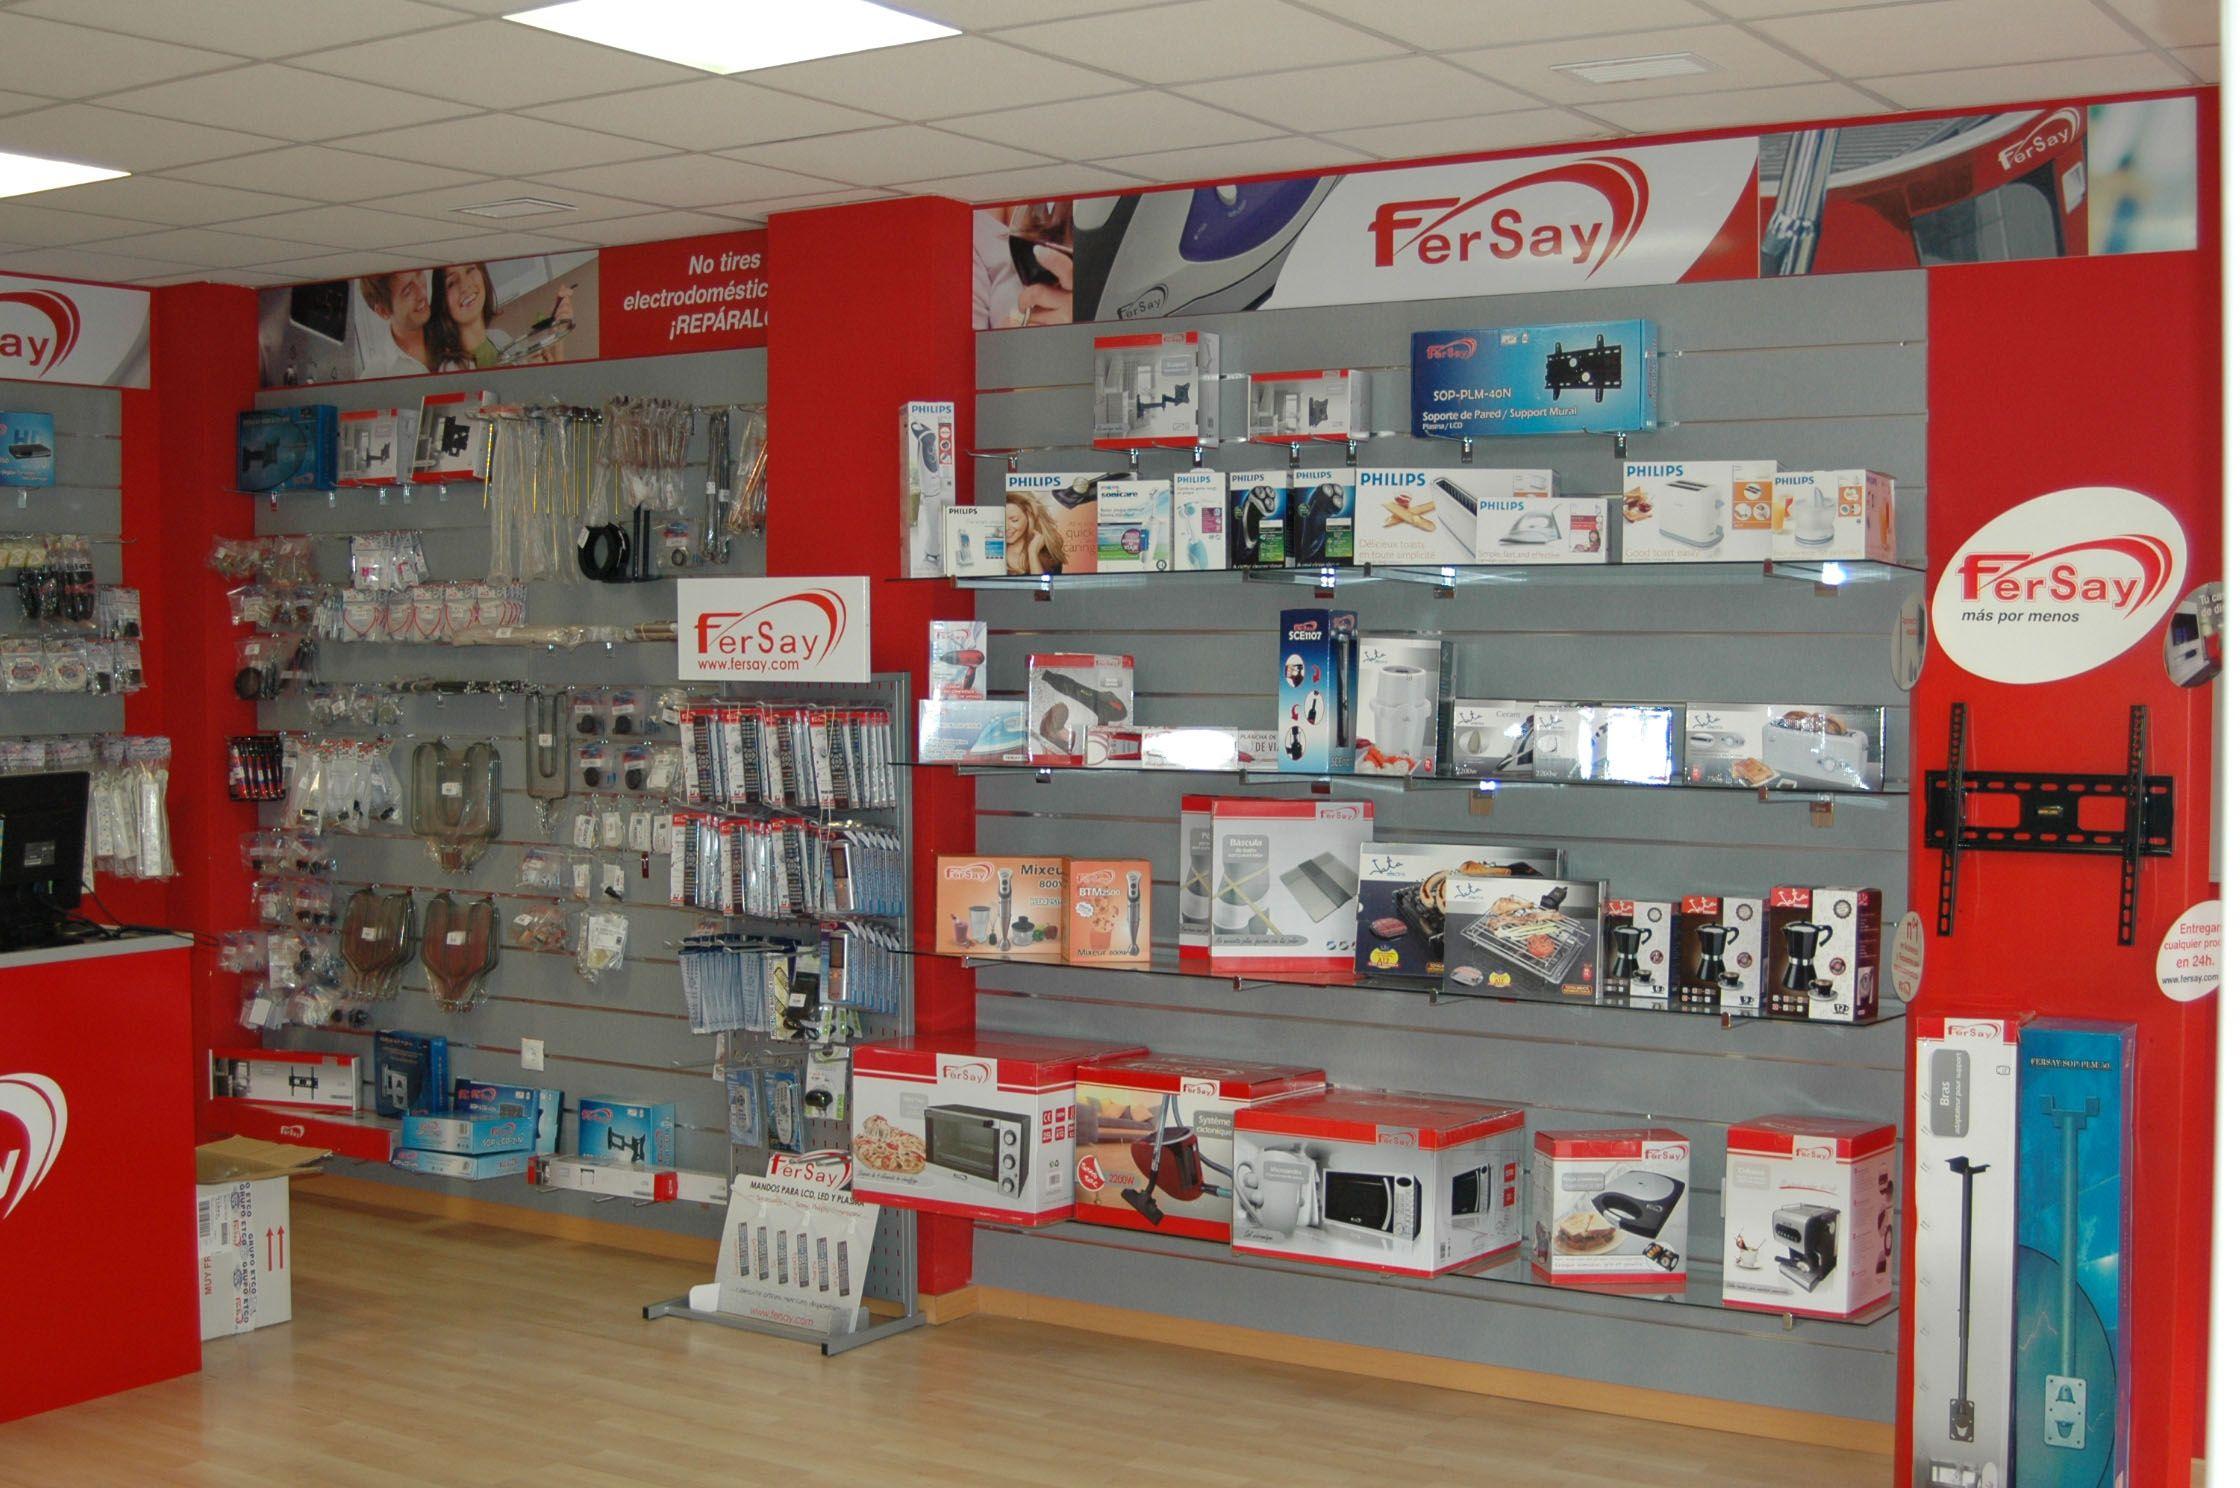 Empresas: Los clientes madrileños de Fersay prefieren ir a la tienda, en Barcelona gana el comercio online | Autor del artículo: Finanzas.com